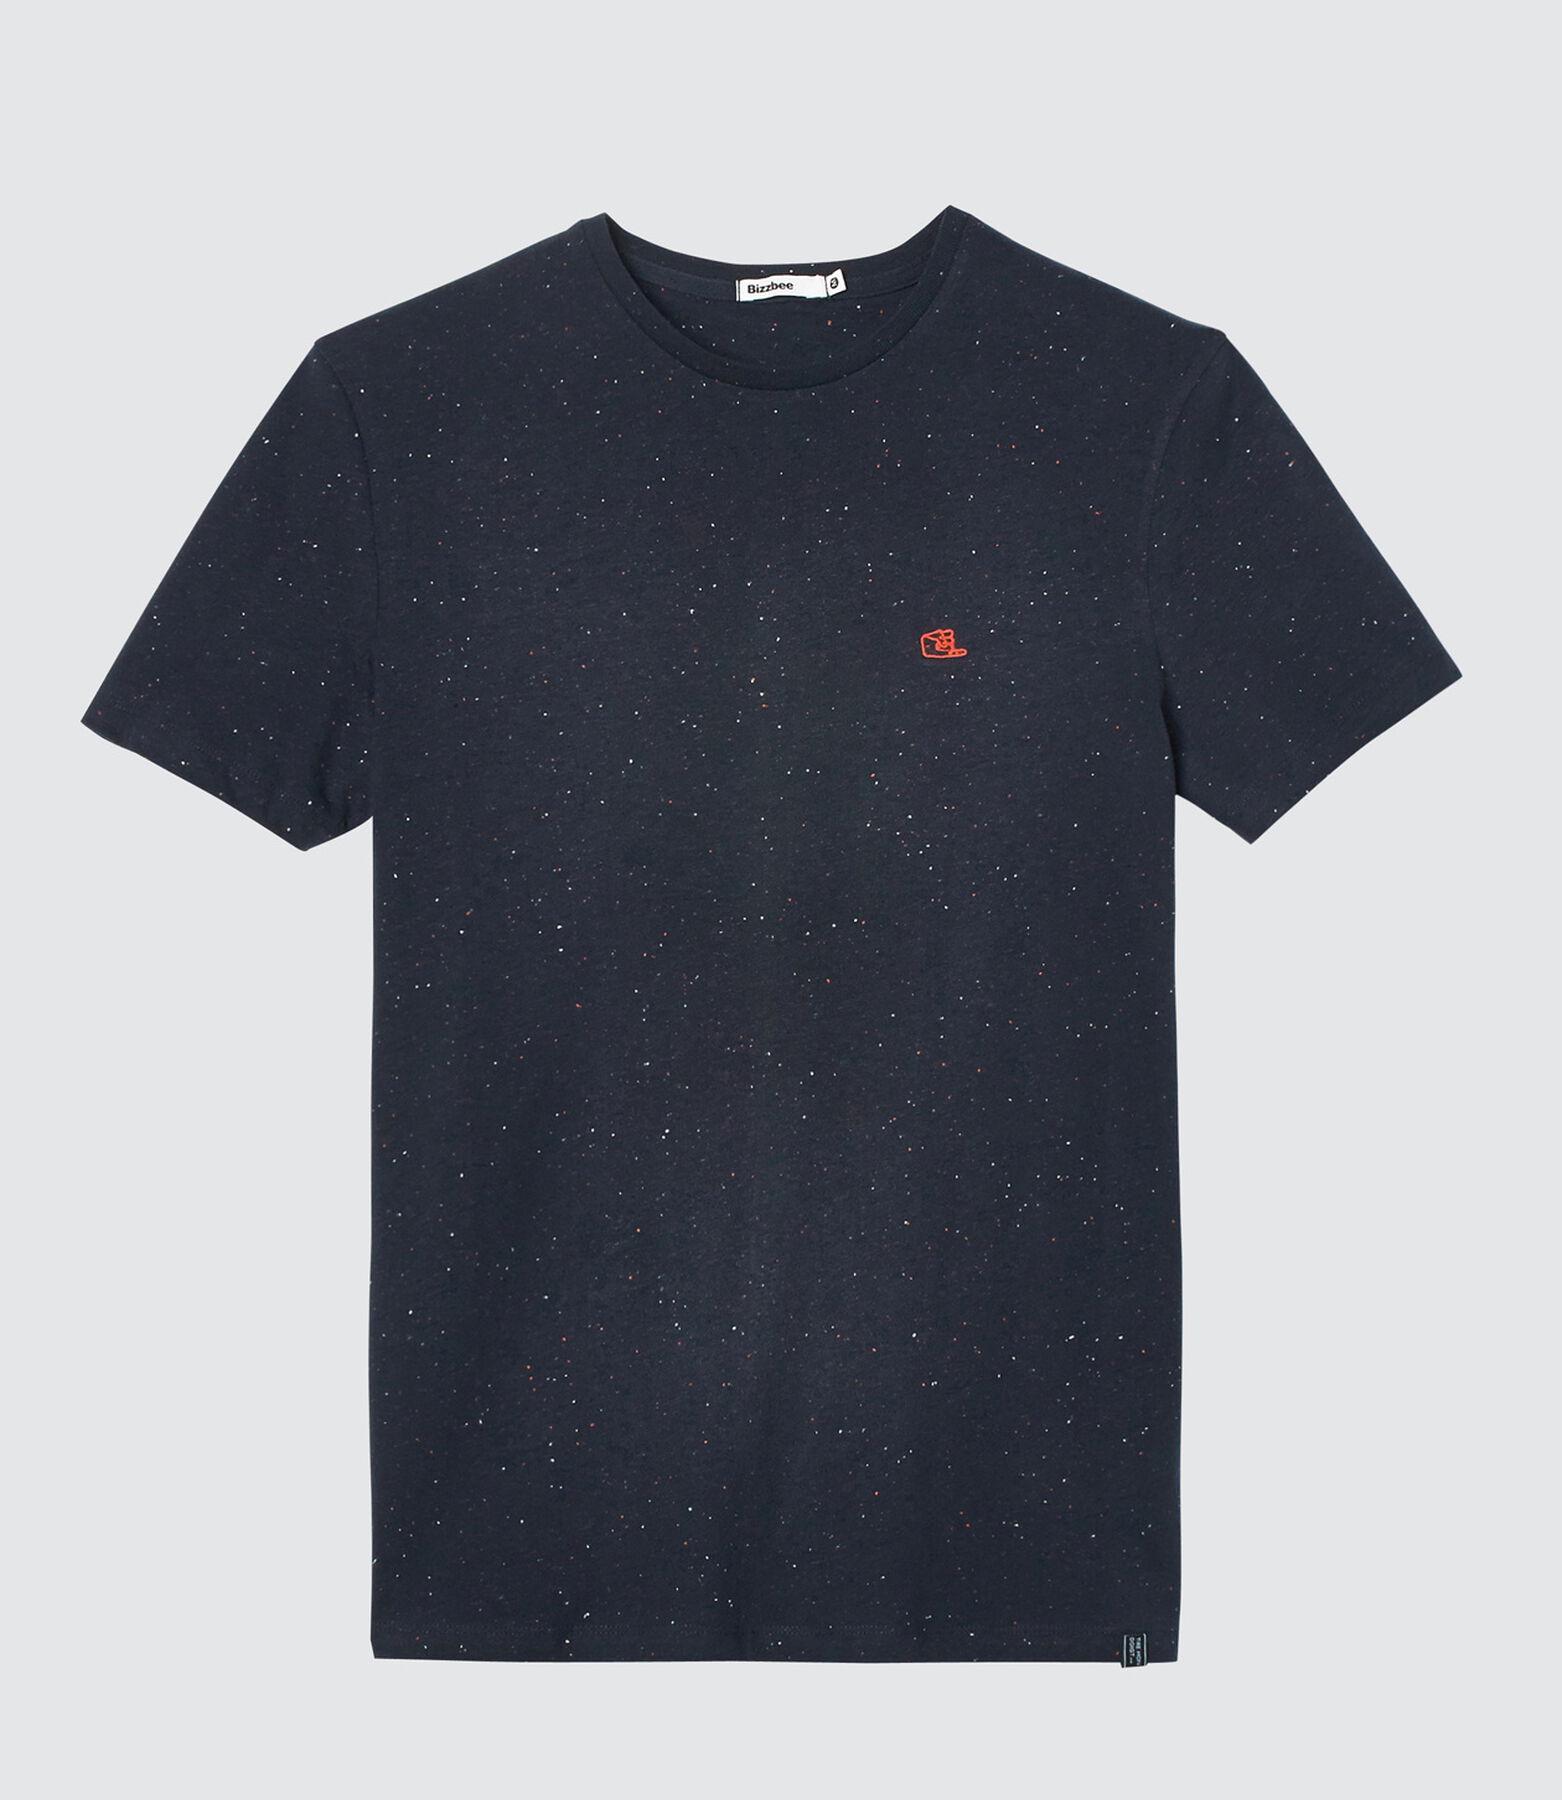 T-shirt matière fantaisie patch print poitrine